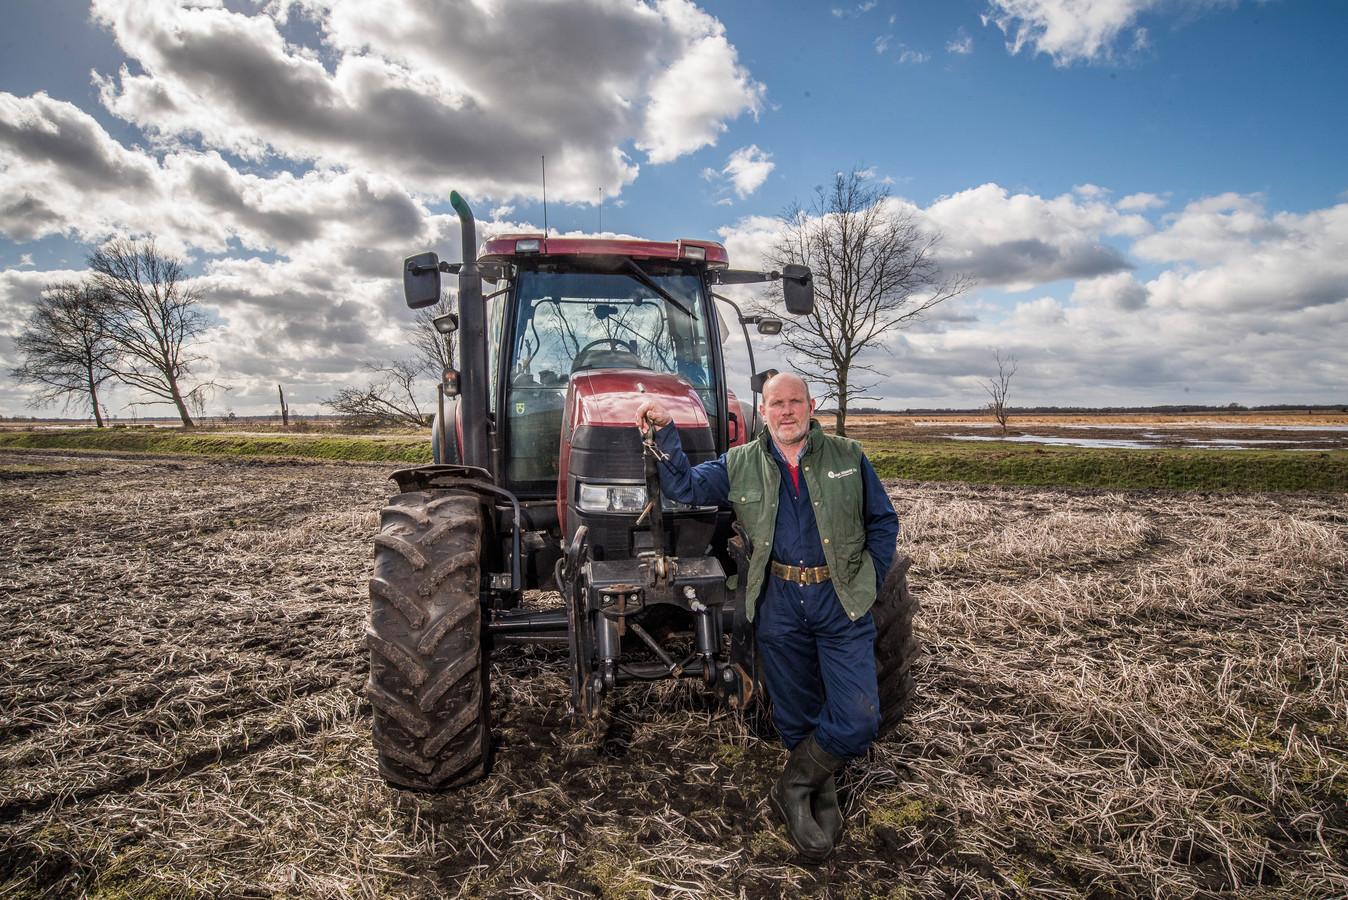 """Agrariër Henk Ormel met op achtergrond natuurgebied Engbertsdijkvenen: """"We verzetten ons met veertien personen tegen het provinciaal inpassingsplan."""""""